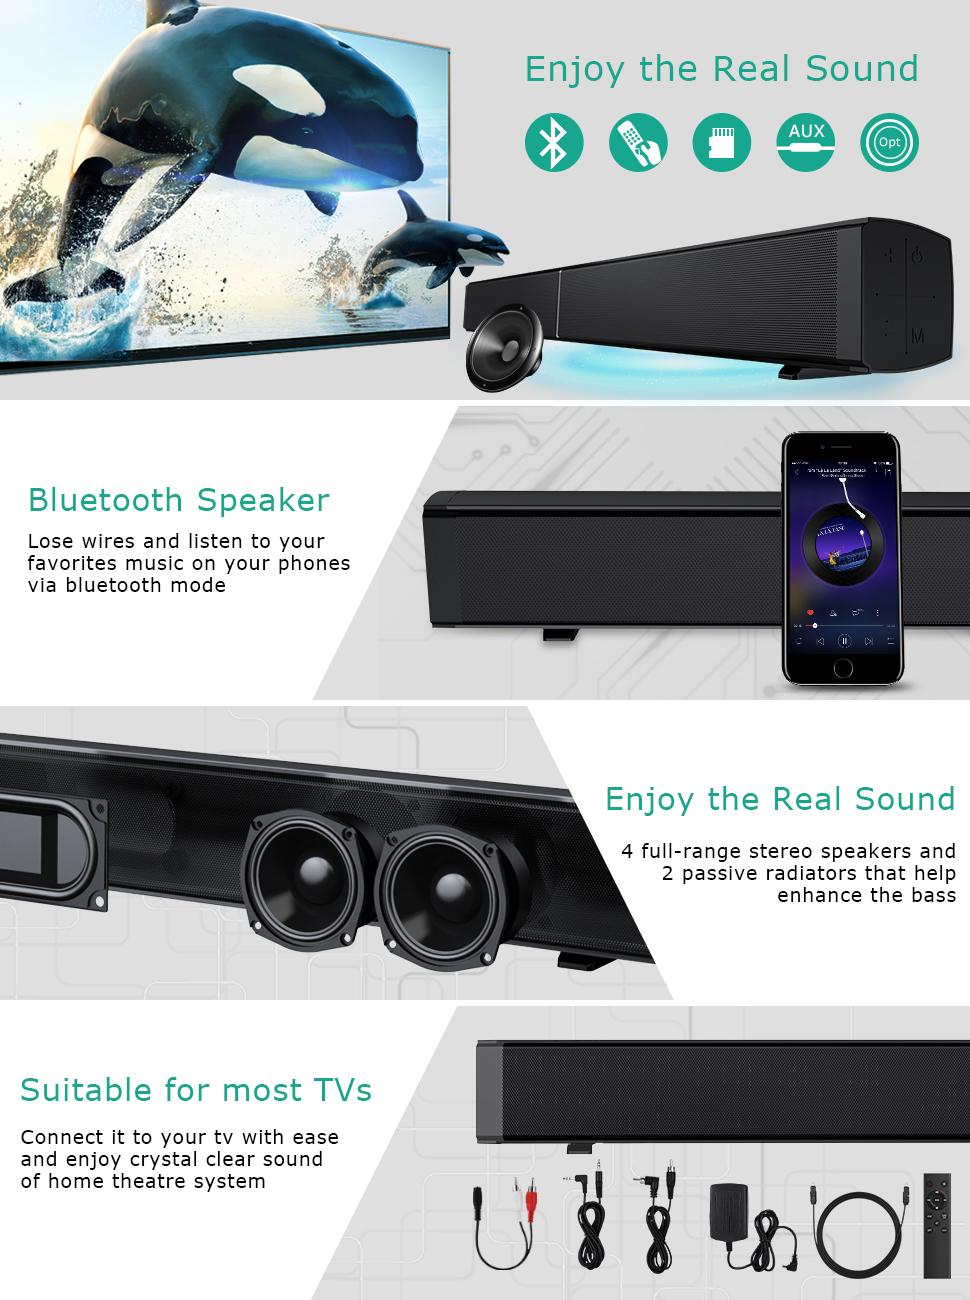 Soundbar Bluetooth Fiber Optics Tv Optical Audio Wall Quatro 2 Super Loud 20 Usb Speaker By Sonicgear Red Product Description